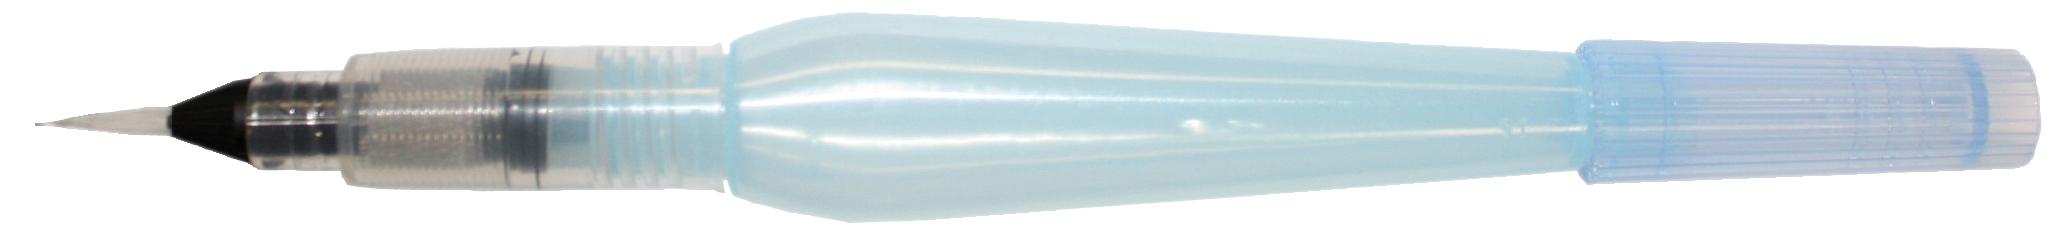 Pentel Кисть Aguash Brush in bulk с резервуаром тонкаяFRH-FBRКисть с резервуаром для воды Aquash Brush, используются для акварельных красок.